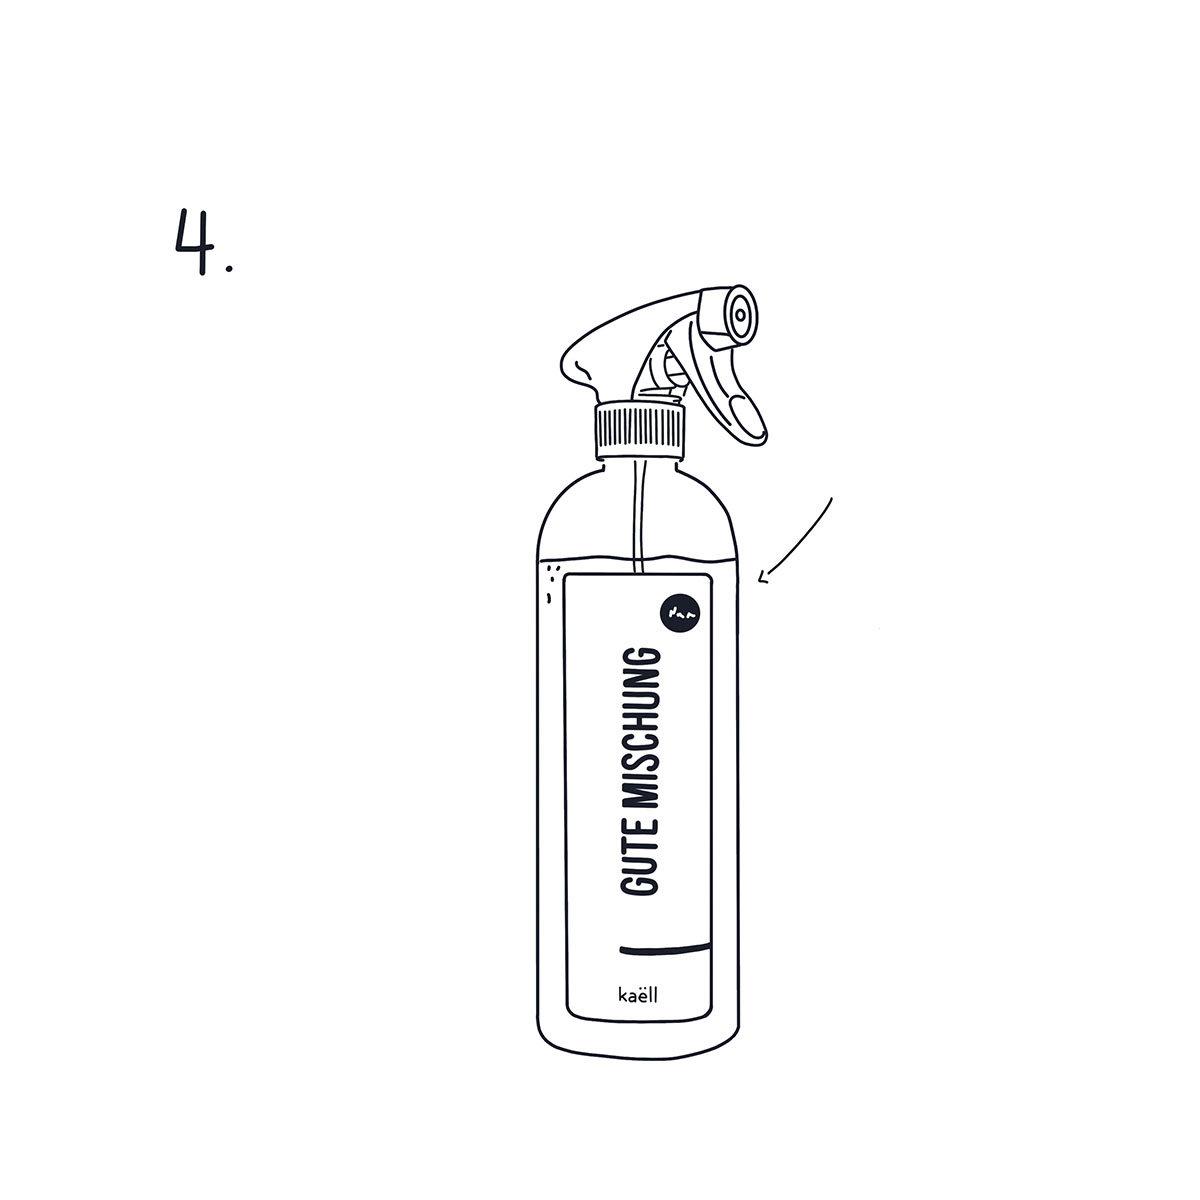 Mischflasche Gute Mischung Garten für Konzentrate, mit Sprühkopf, 750 ml | #9